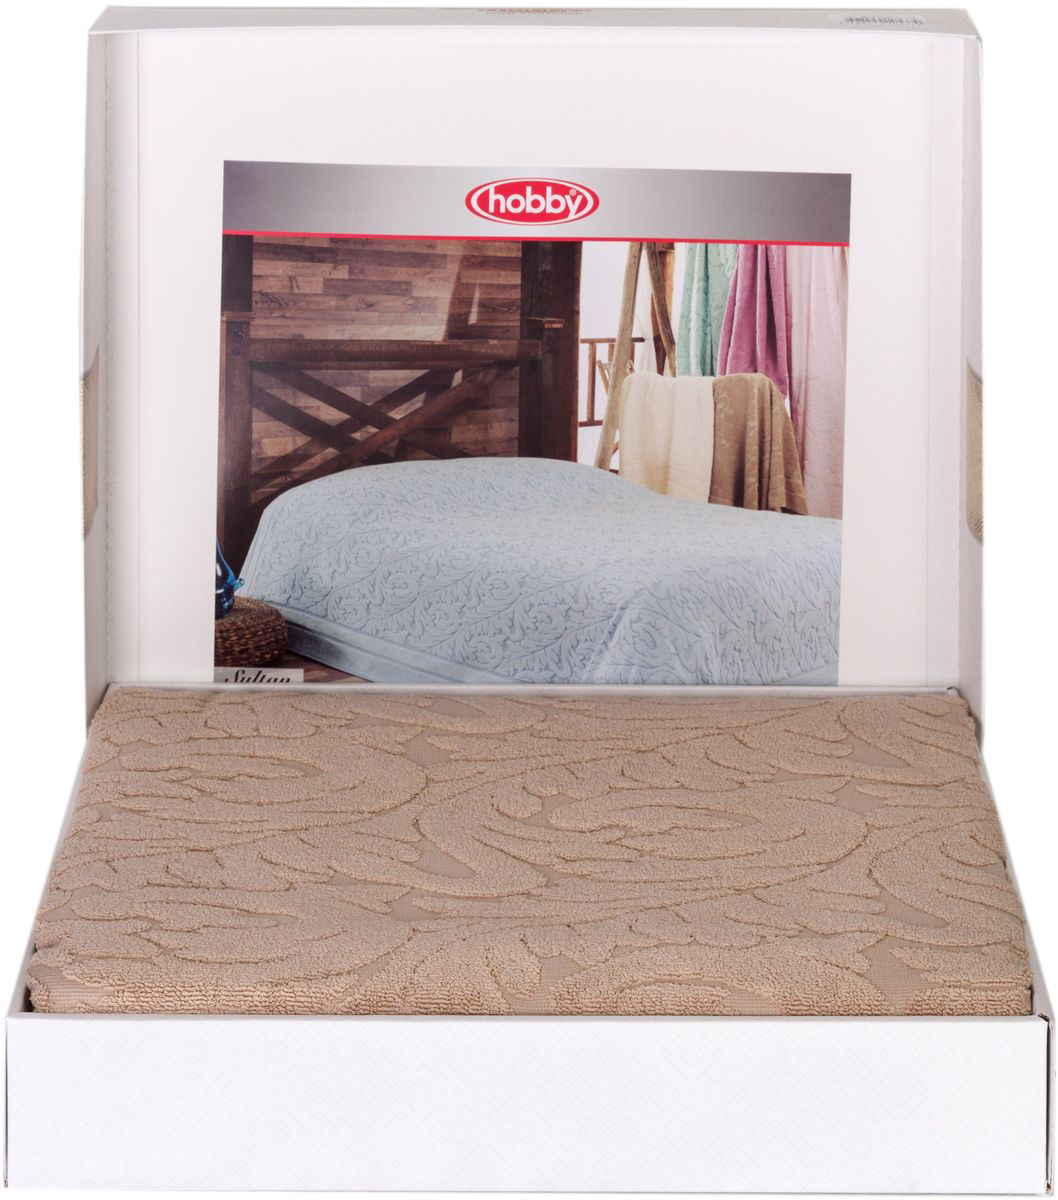 Покрывало Hobby Home Collection Sultan, цвет: бежевый, 200 х 220 смS03301004Шикарное покрывало Hobby Home Collection Sultan изготовлено из 100% хлопка высшей категории. Оно обладает замечательными дышащими свойствами и будет хорошо смотреться как на диване, так и на большой кровати. Данное покрывало можно также использовать в качестве одеяла.